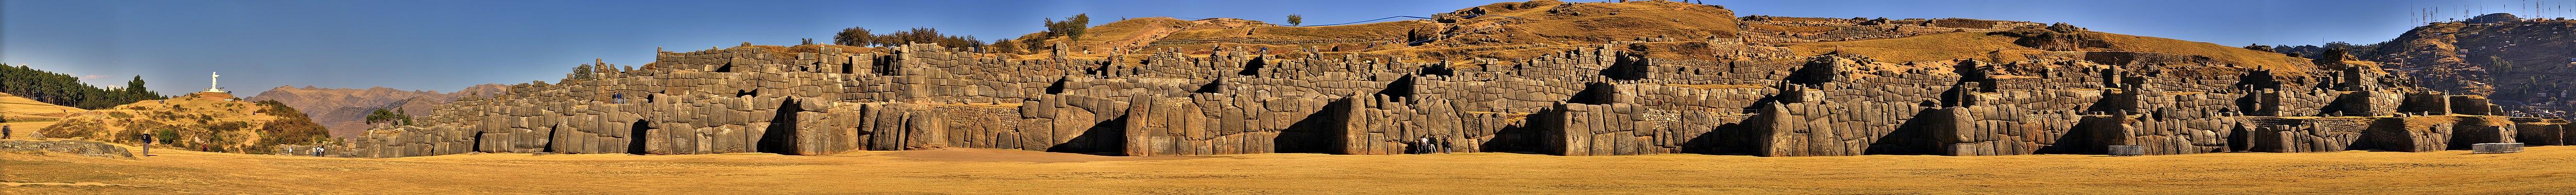 114 - Cuzco - Juillet 2009.jpg